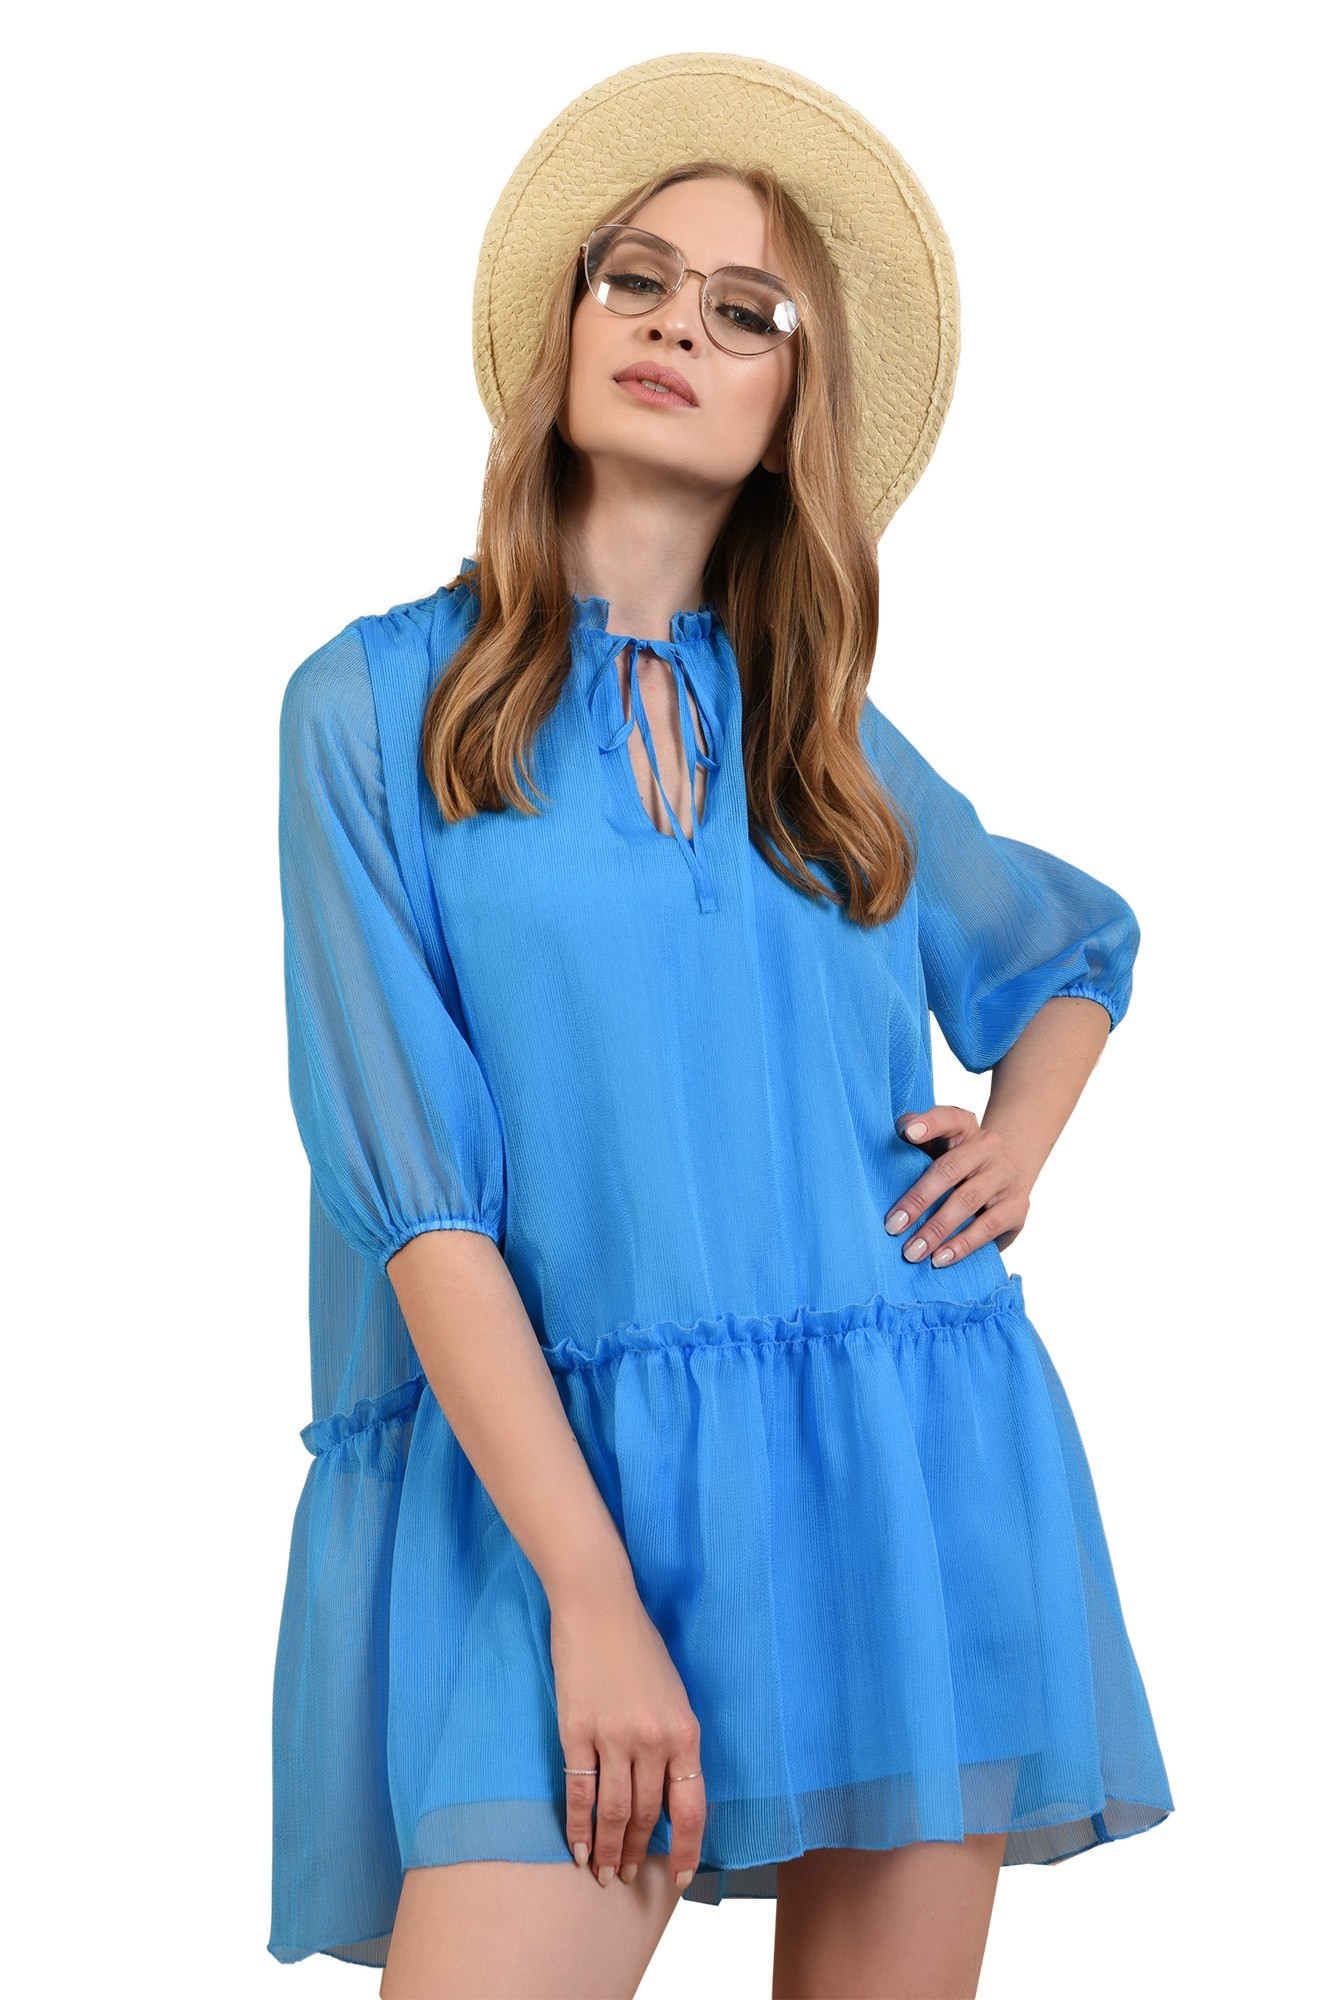 0 - 360 - rochie evazata, creponata, albastra, Poema